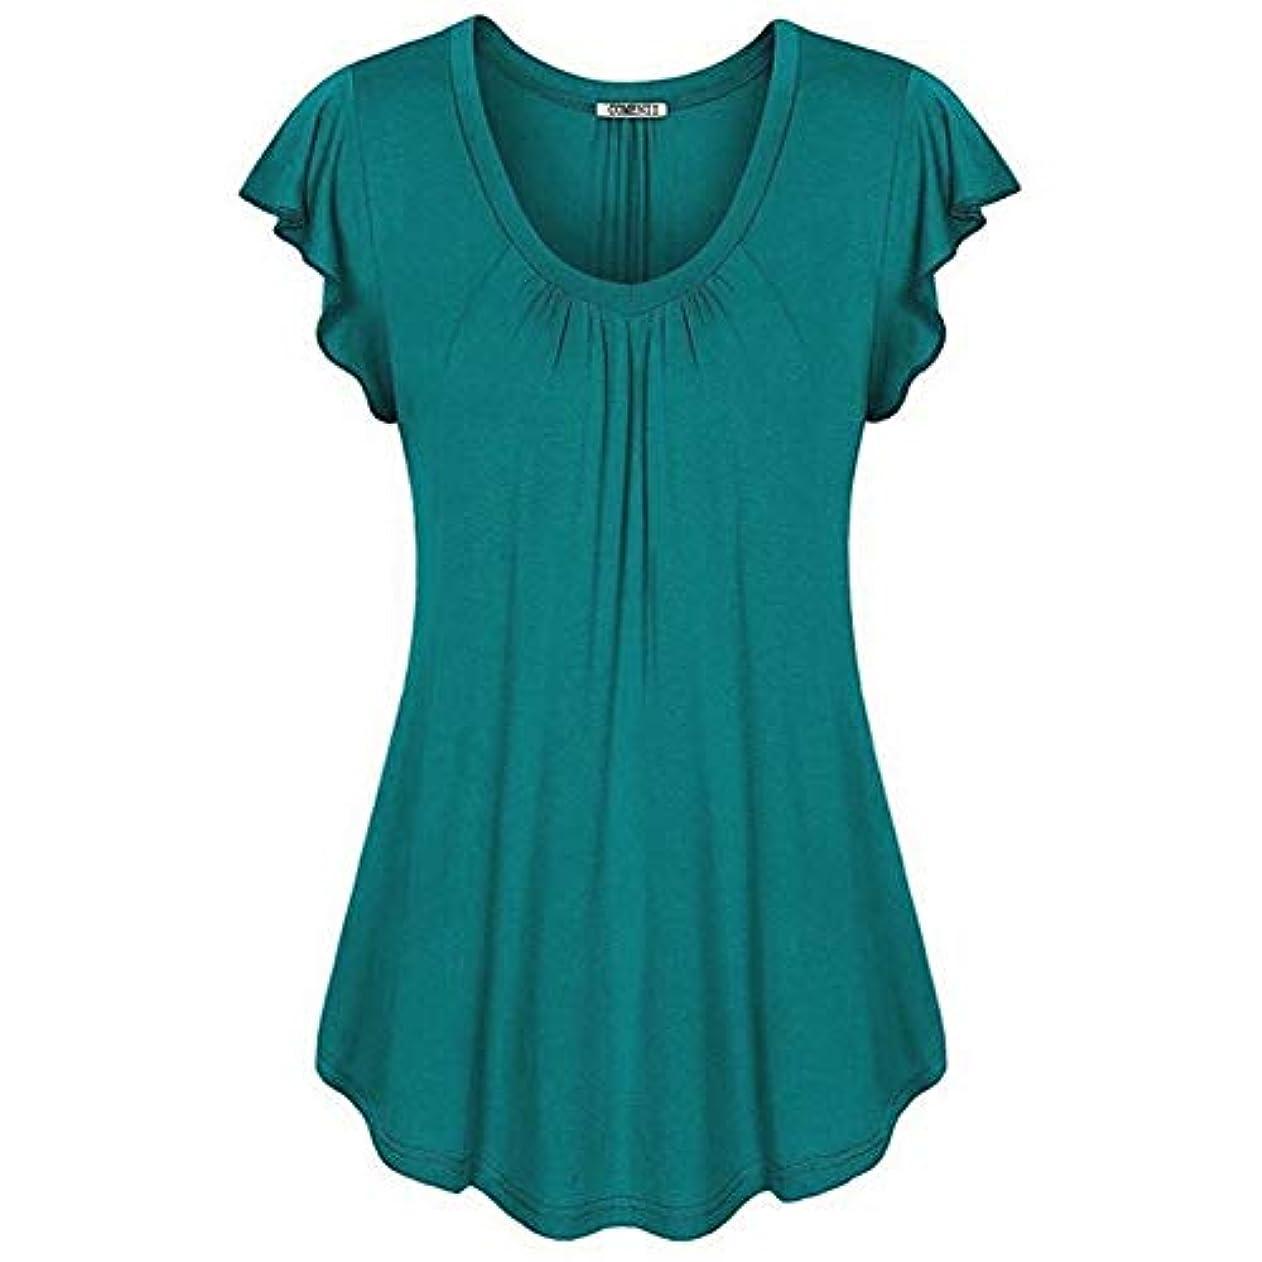 請求書発症同行MIFAN の女性のドレスカジュアルな不規則なドレスルースサマービーチTシャツドレス